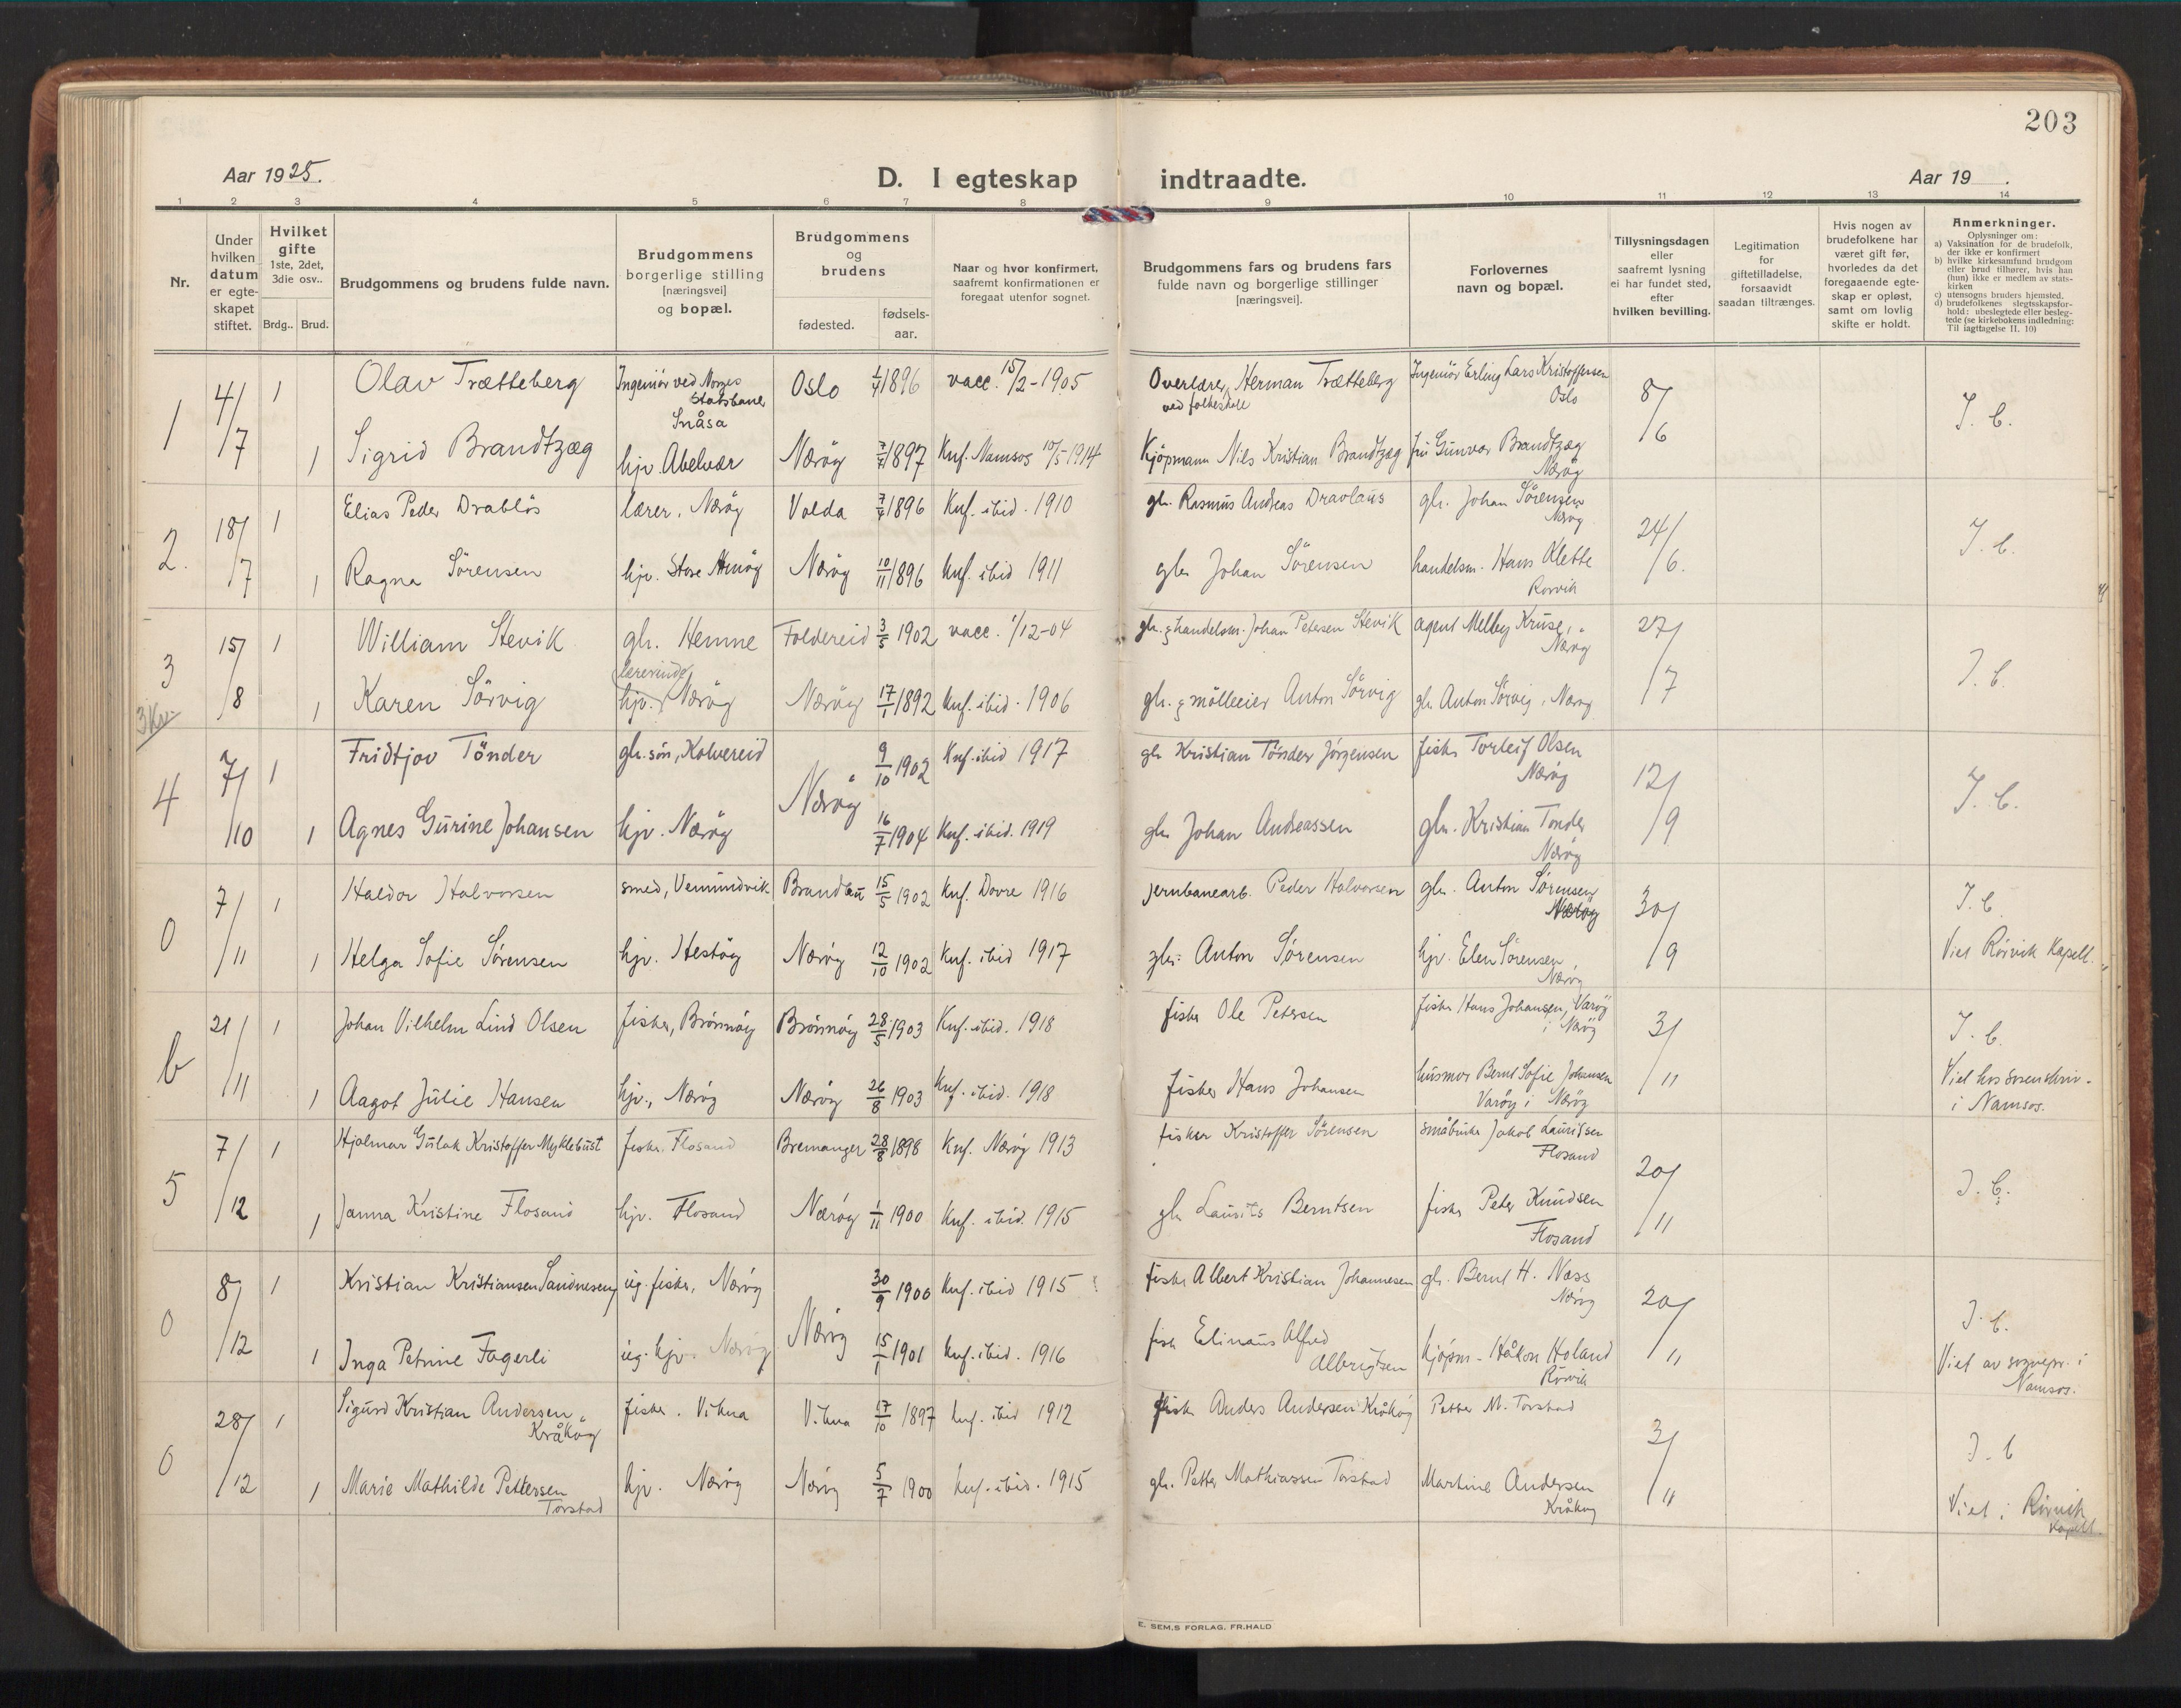 SAT, Ministerialprotokoller, klokkerbøker og fødselsregistre - Nord-Trøndelag, 784/L0678: Ministerialbok nr. 784A13, 1921-1938, s. 203